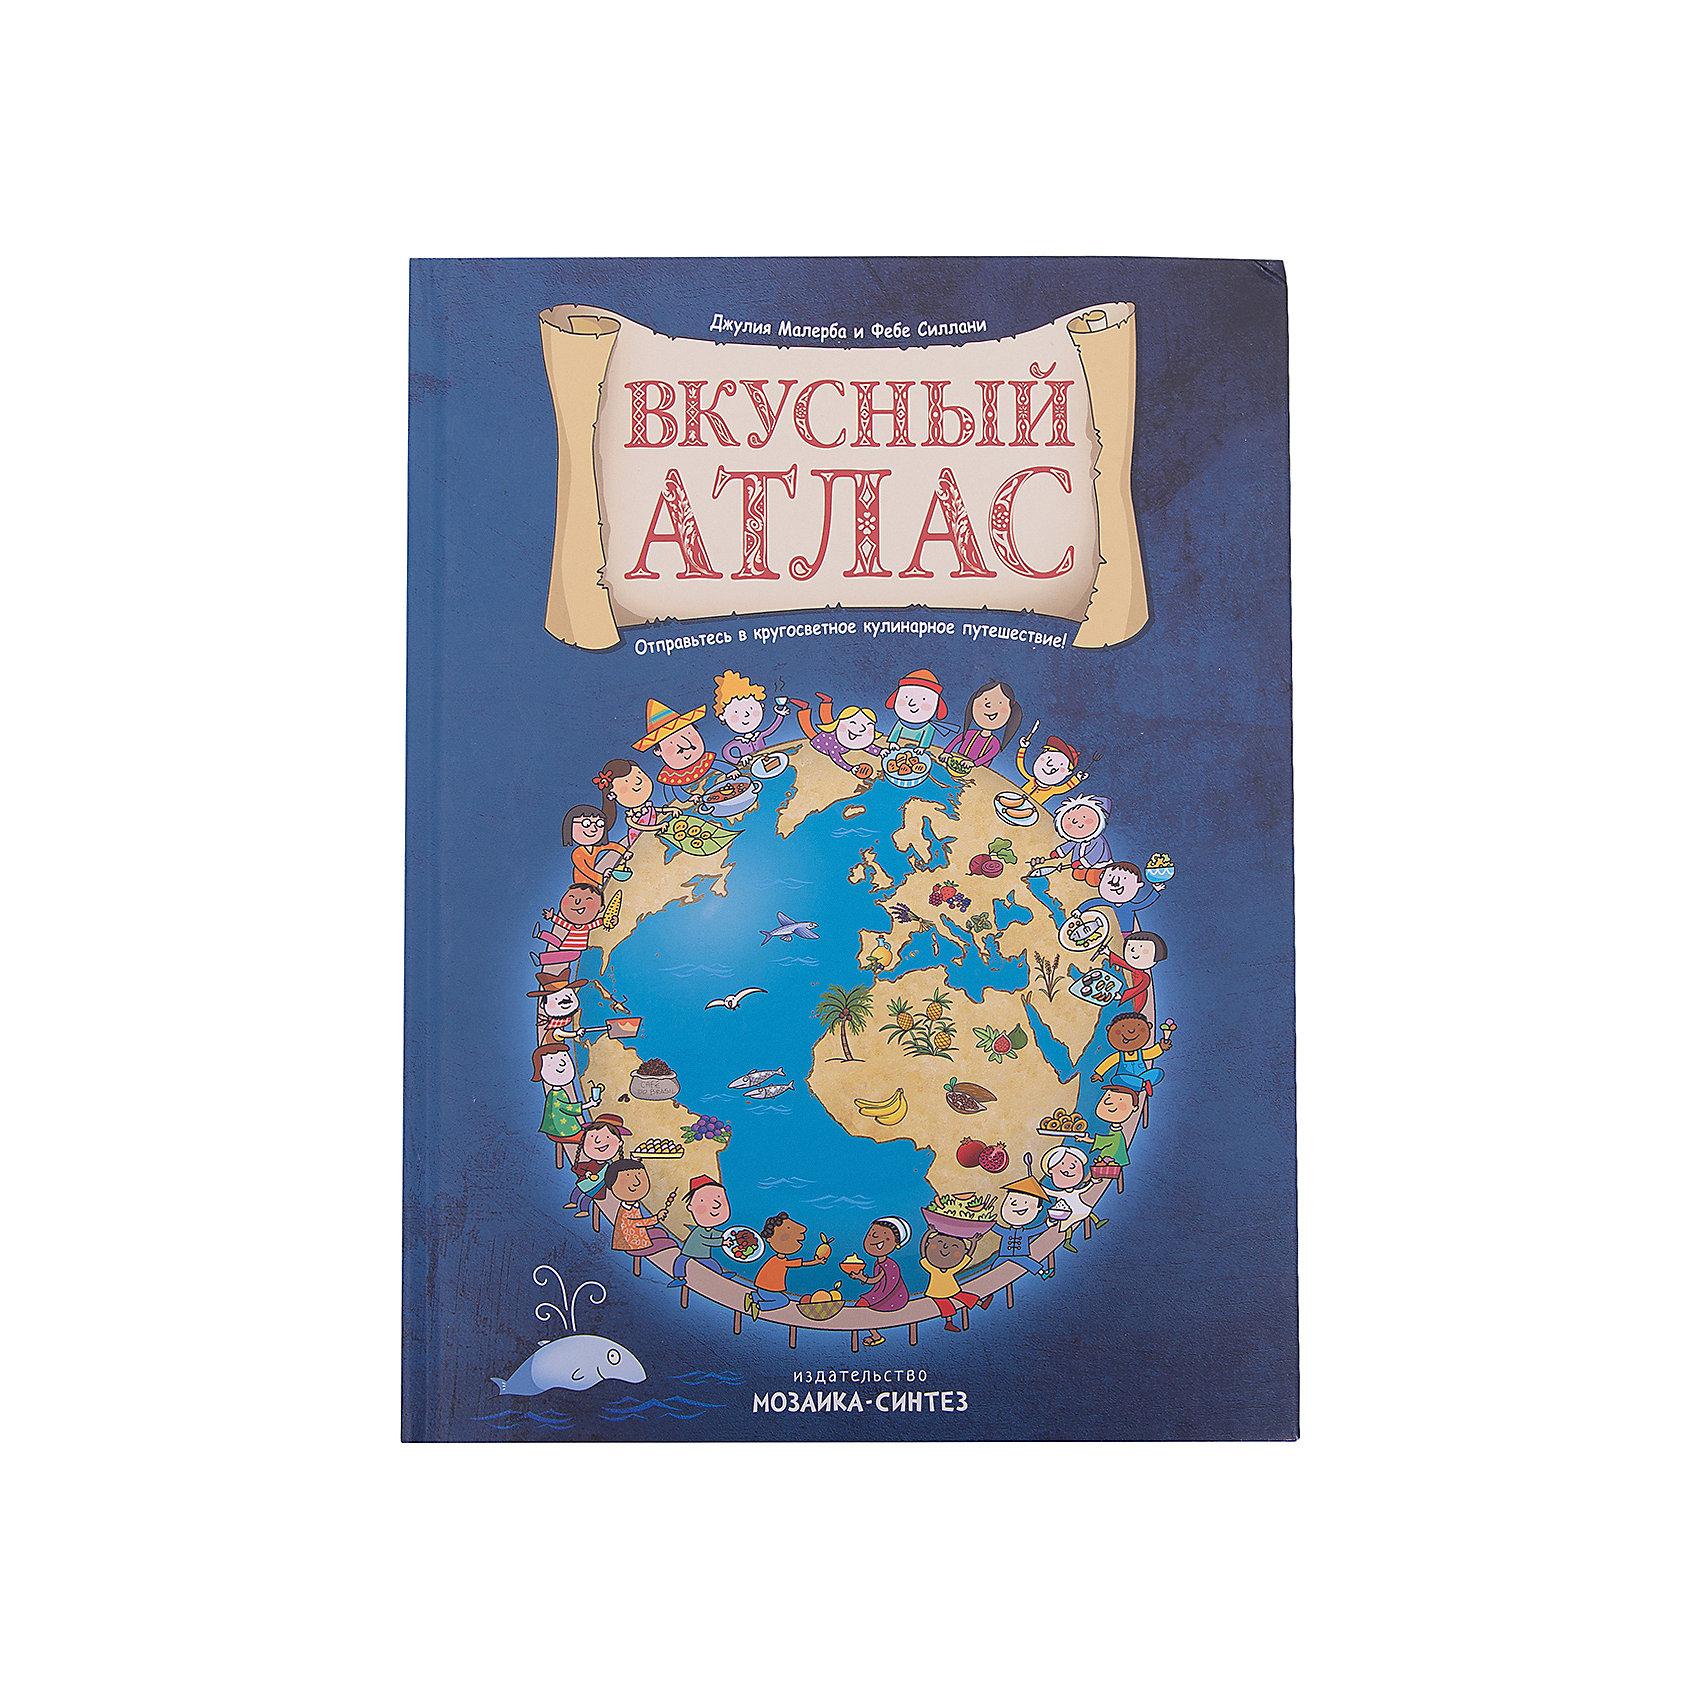 Книга Вкусный атласЭнциклопедии<br>Характеристики вкусного атласа:<br><br>• возраст: от 5 лет<br>• пол: для мальчиков и девочек<br>• материал: бумага.<br>• количество страниц: 72.<br>• размер книги: 27.5x37.5 см.<br>• тип обложки: твердый.<br>• иллюстрации: цветные.<br>• бренд: Мозаика-Синтез<br>• страна обладатель бренда: Россия.<br><br>Книга Вкусный атлас от издательства Мозаика-Синтез поможет ребенку окунуться в увлекательный мир географии. Он познакомится с флорой и фауной пяти населенных континентов, а также с их основными продуктами питания. Красочные страницы атласа раскрывают секреты, интересные факты и особенности различных национальных блюд.<br><br>Вкусный атлас от издательства Мозаика-Синтез можно купить в нашем интернет-магазине.<br><br>Ширина мм: 14<br>Глубина мм: 275<br>Высота мм: 375<br>Вес г: 1118<br>Возраст от месяцев: 60<br>Возраст до месяцев: 108<br>Пол: Унисекс<br>Возраст: Детский<br>SKU: 5362930